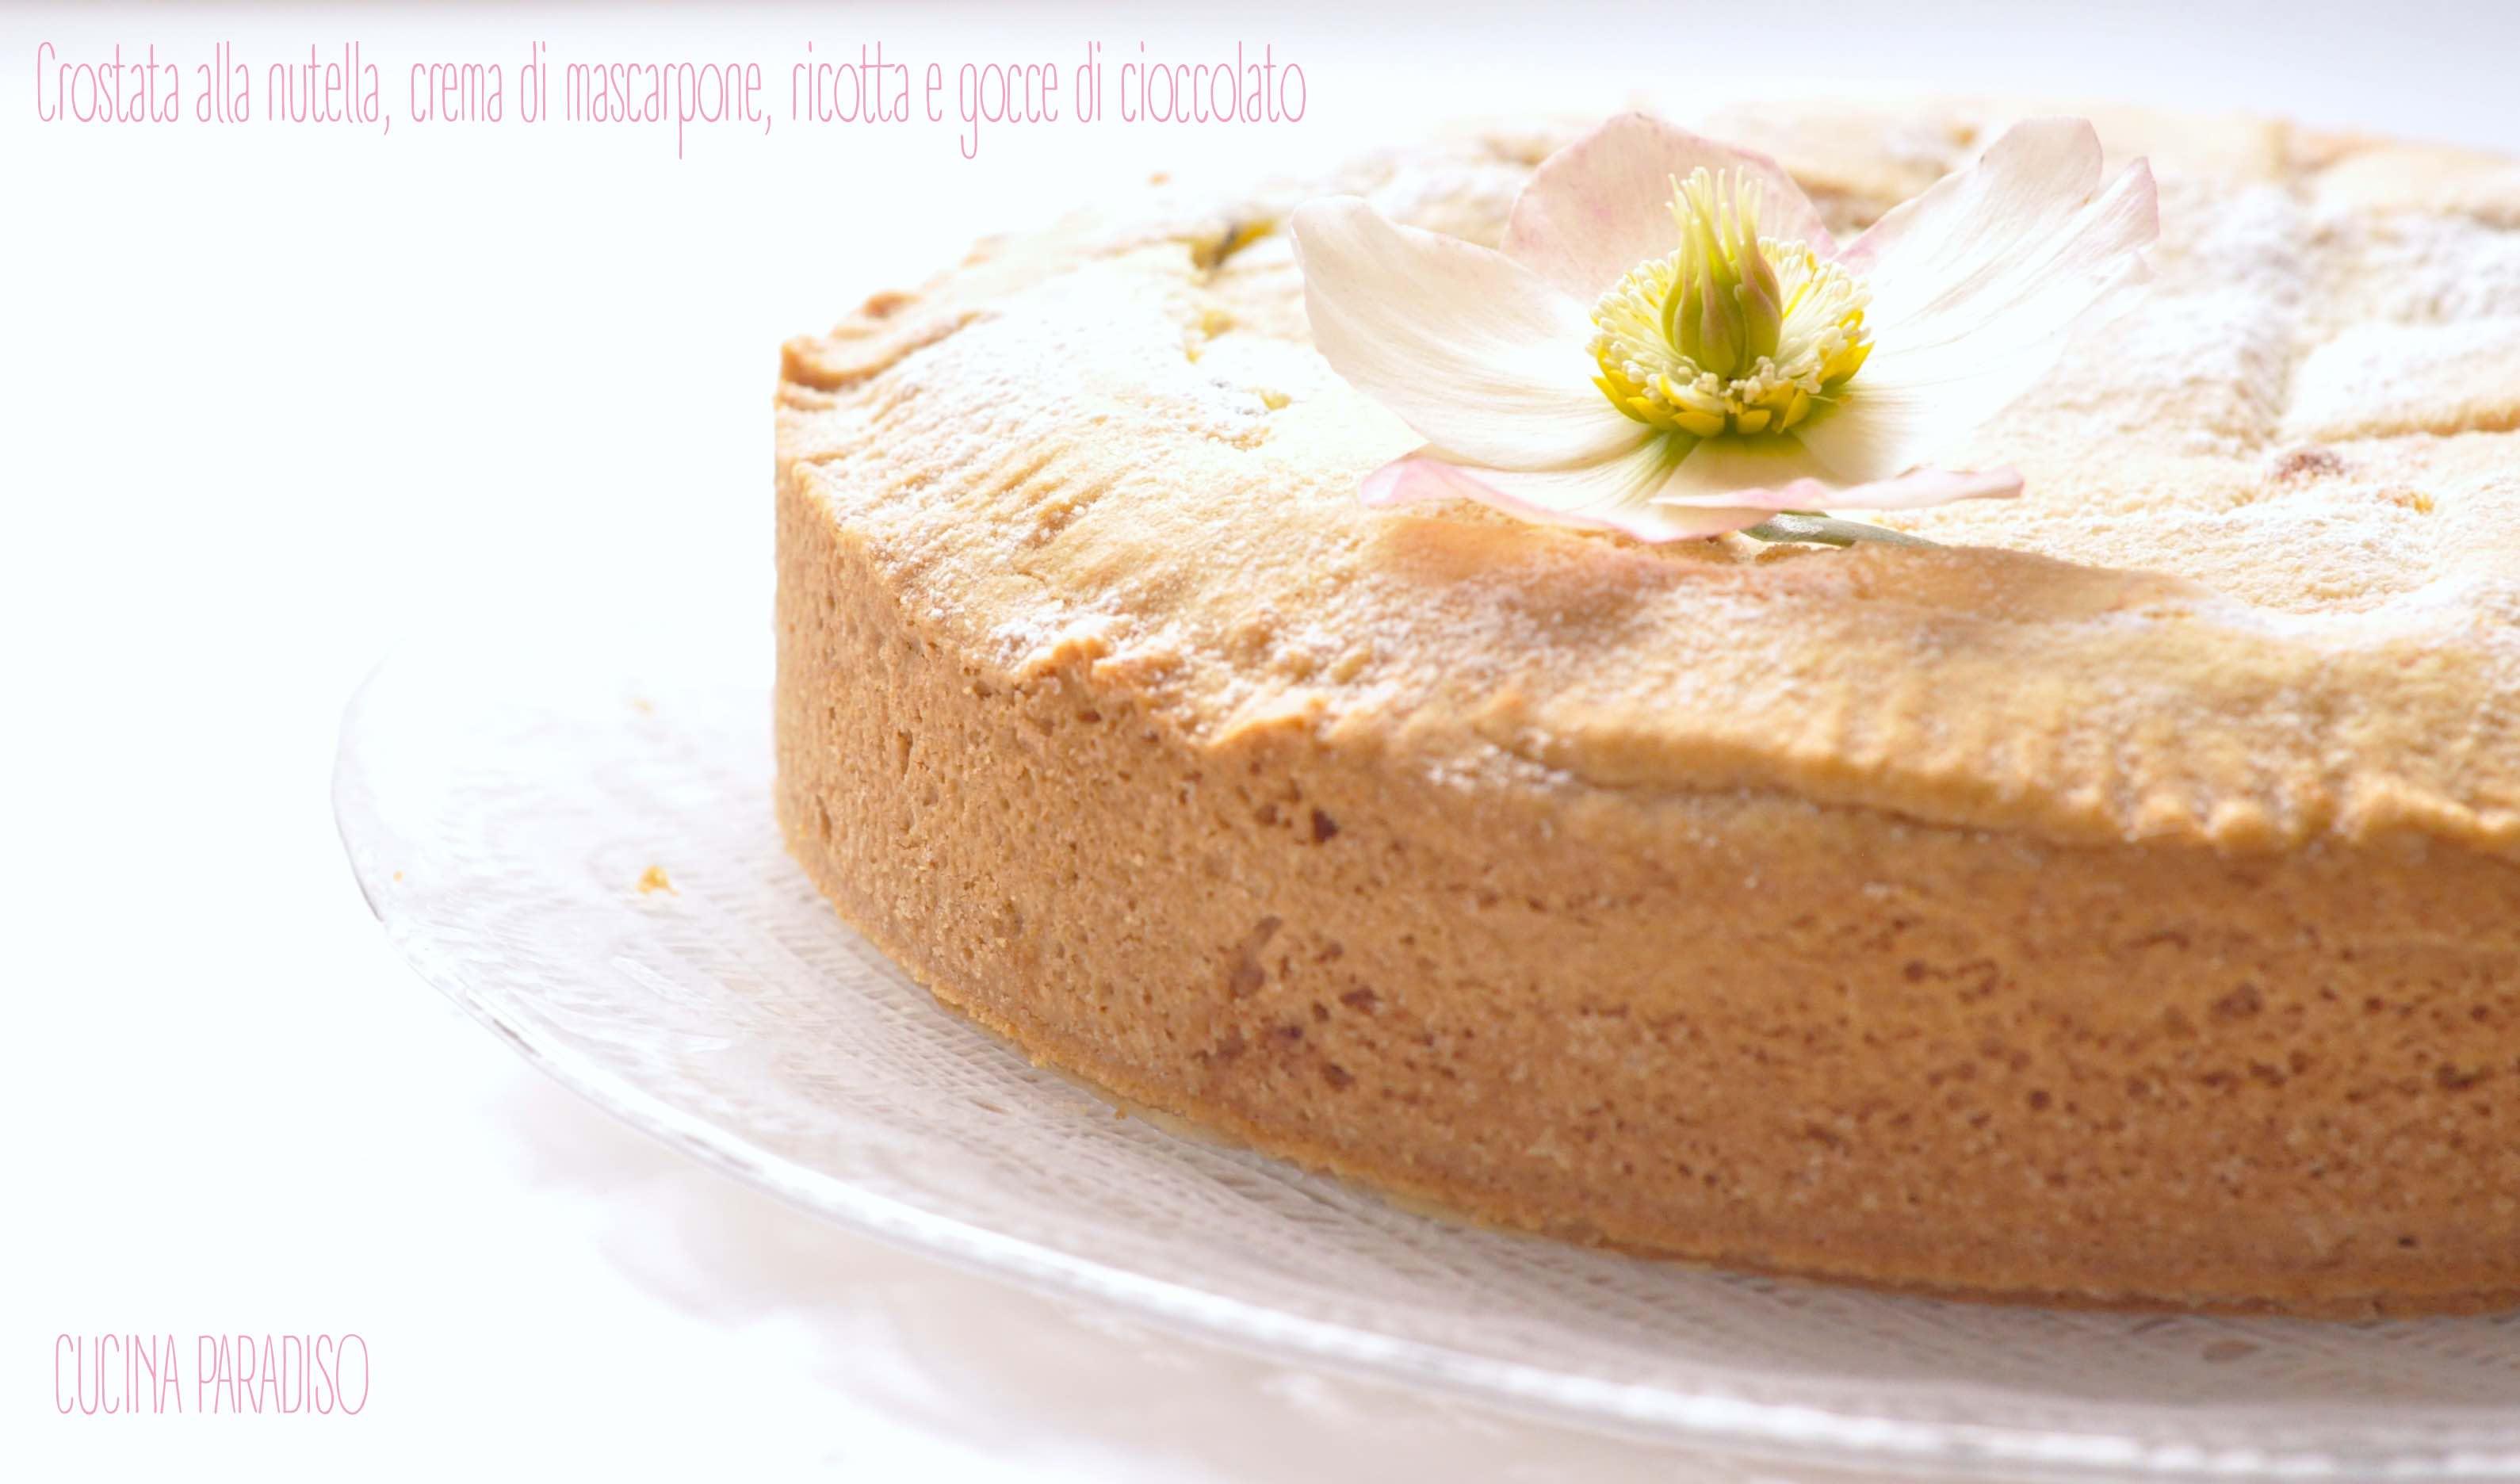 Crostata alla nutella, crema di mascarpone, ricotta e gocce di cioccolato2